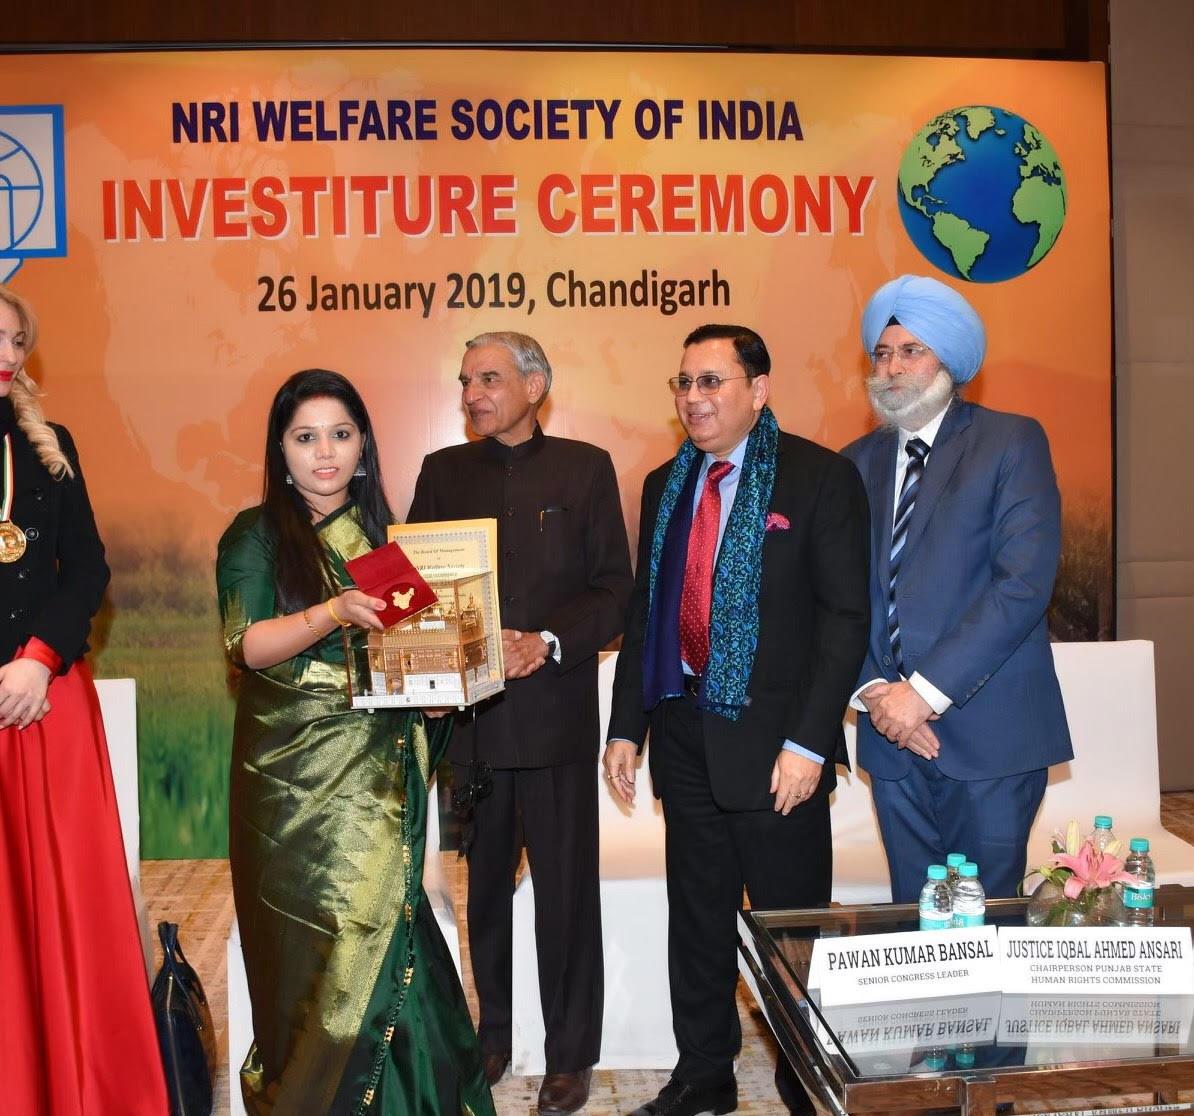 Natural Resource of India, Chandigarh